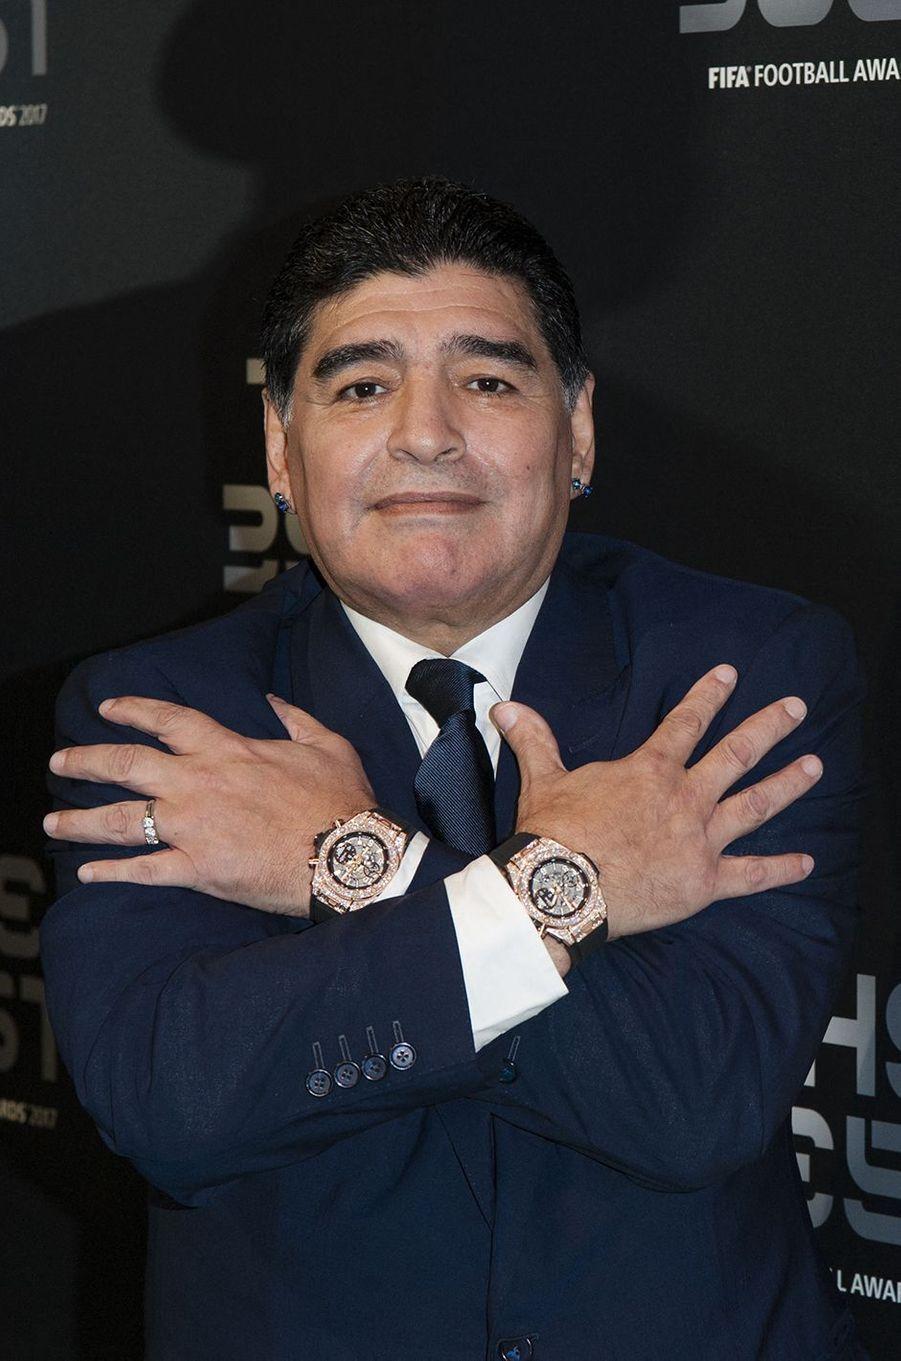 Tendances France (7e) et monde (8e) : Diego Maradona figure dans le Top 10 des personnalités disparues les plus recherchées sur Google en 2020